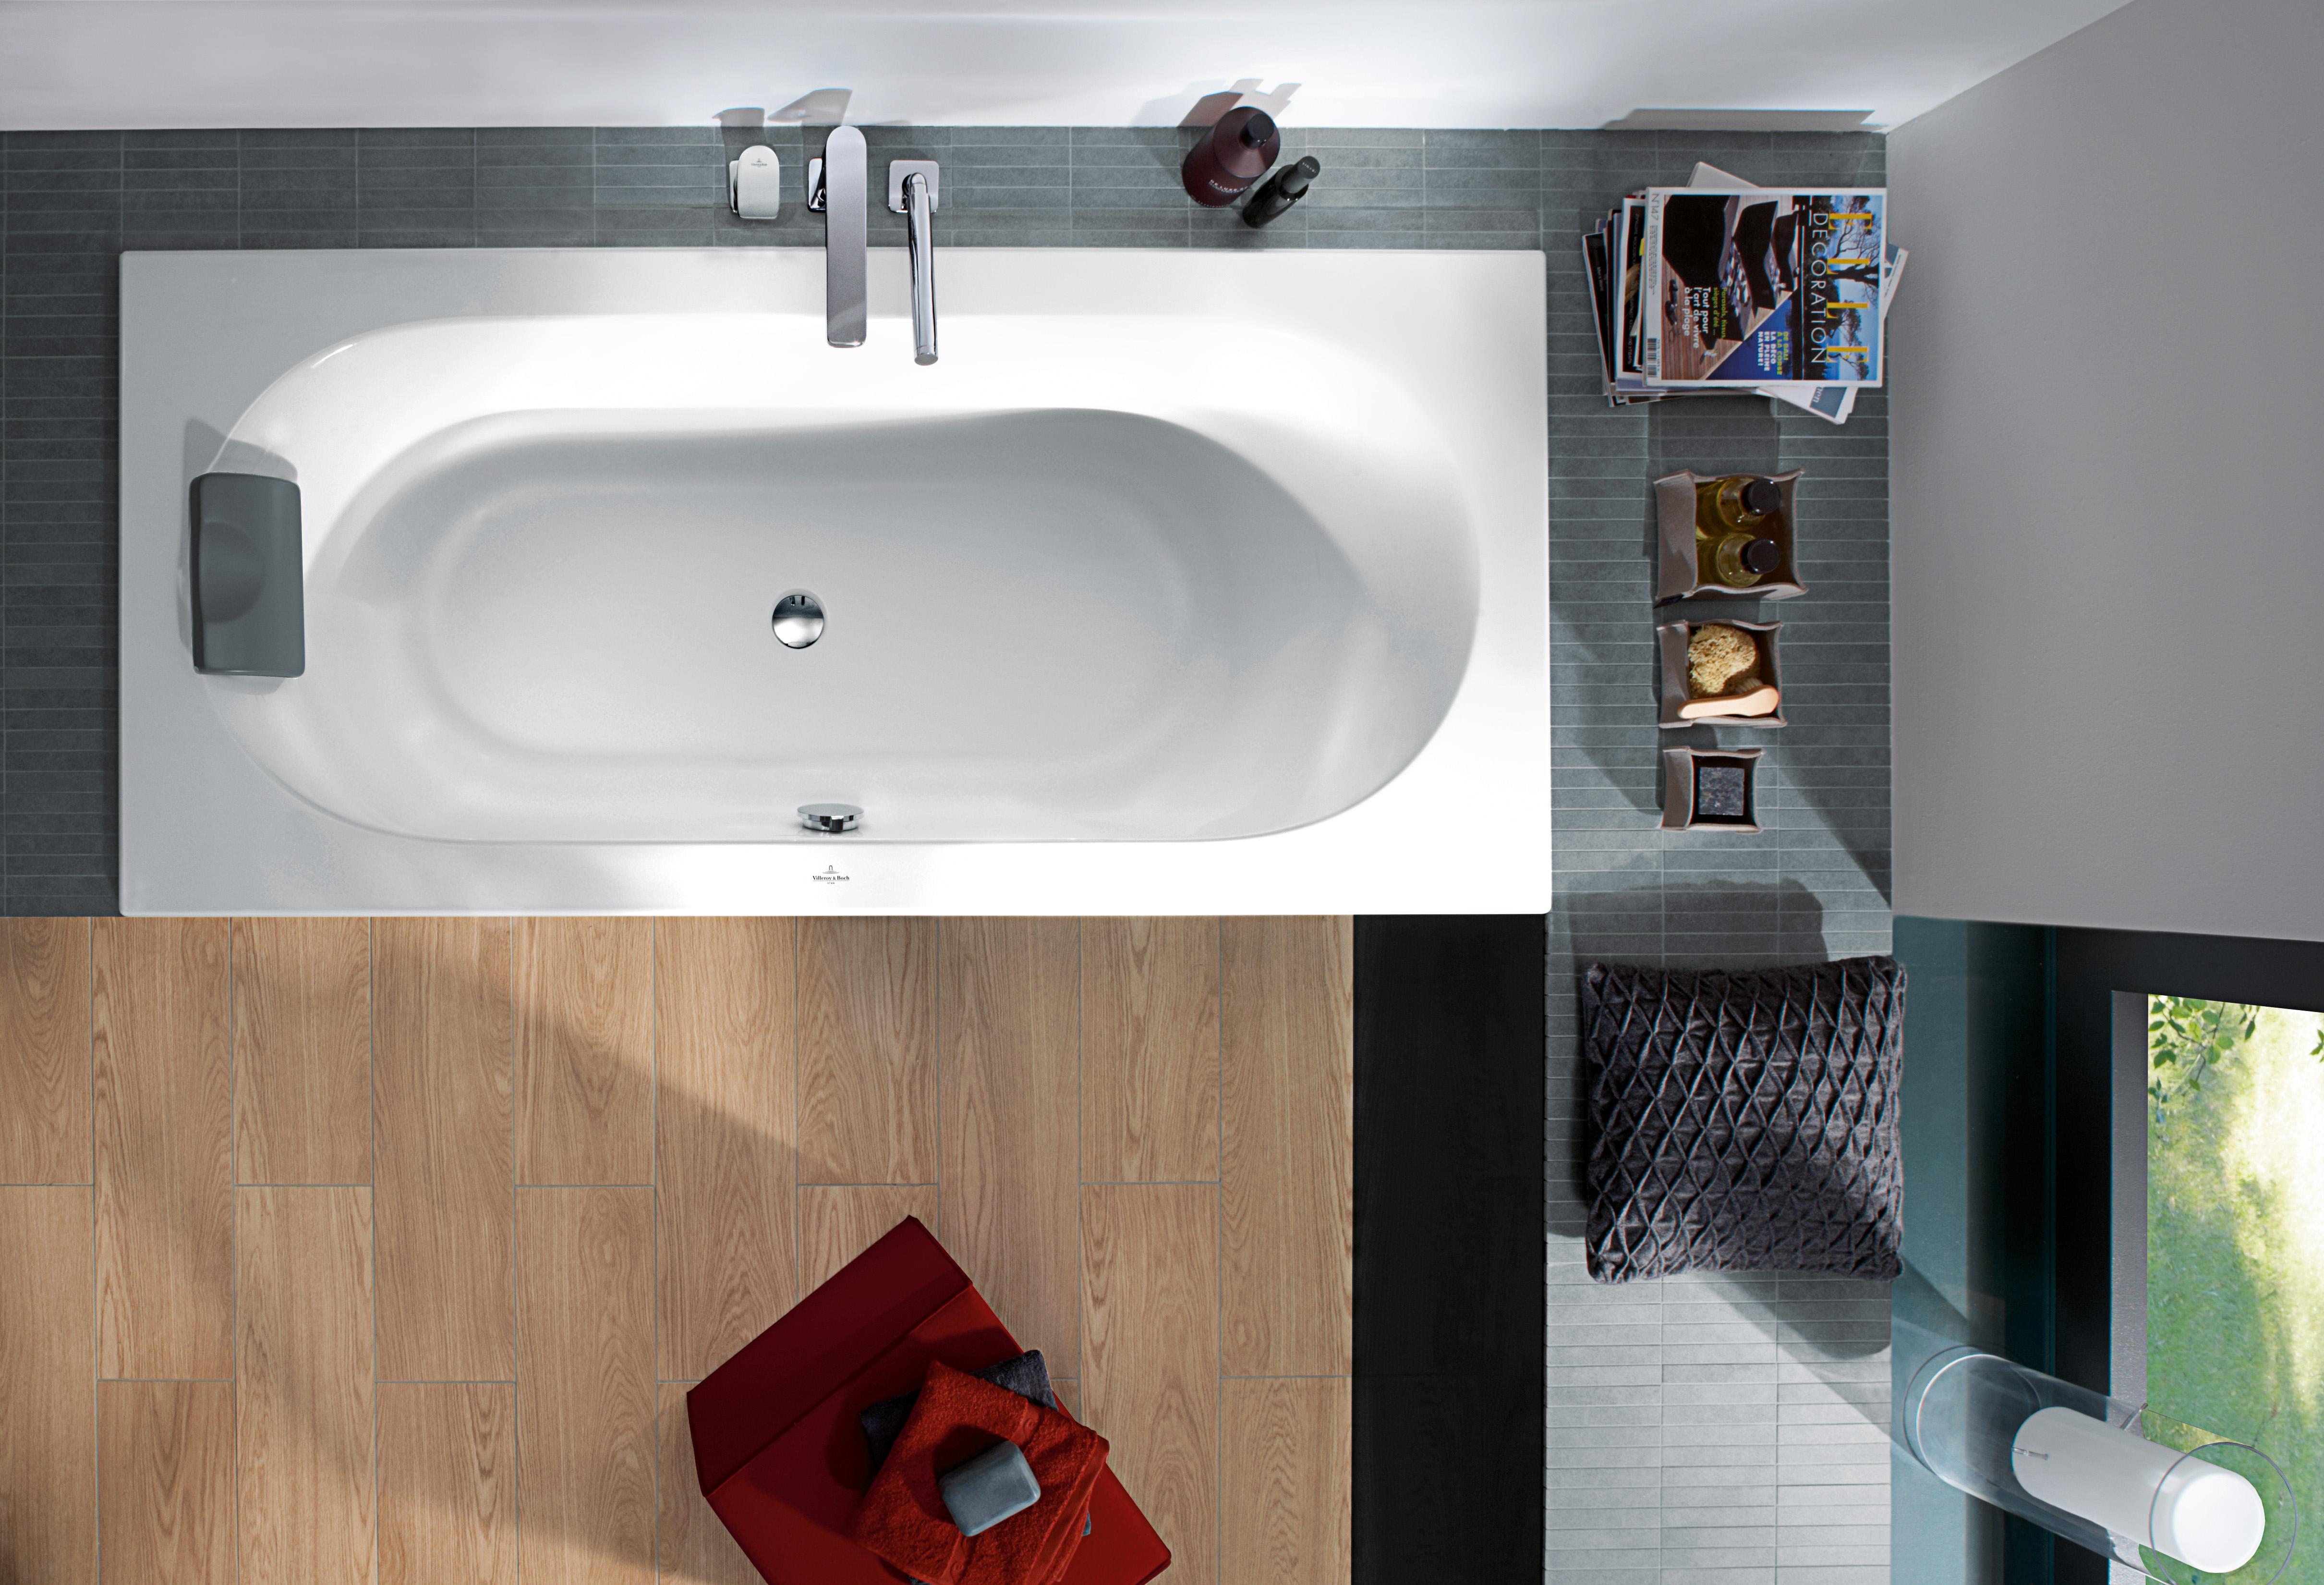 Loop & Friends Bath, Baths, Square baths